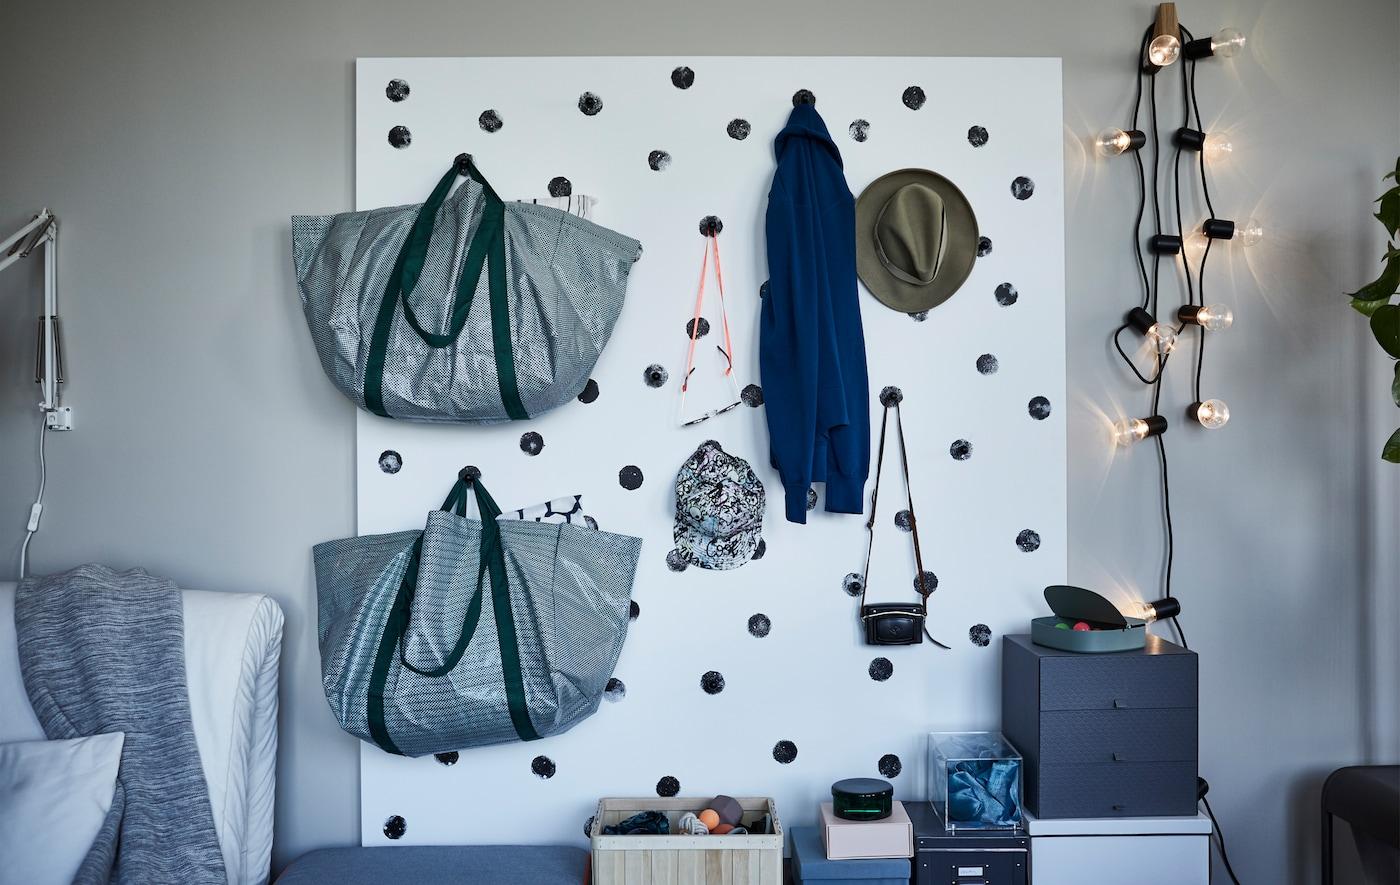 Von Kleidung bis zu Bettwäsche: Eine Wandaufbewahrung ist die perfekte Lösung, wenn der Platz bei dir daheim knapp ist. Du brauchst nur etwas Holz, stabile Knöpfe und etwas Farbe.